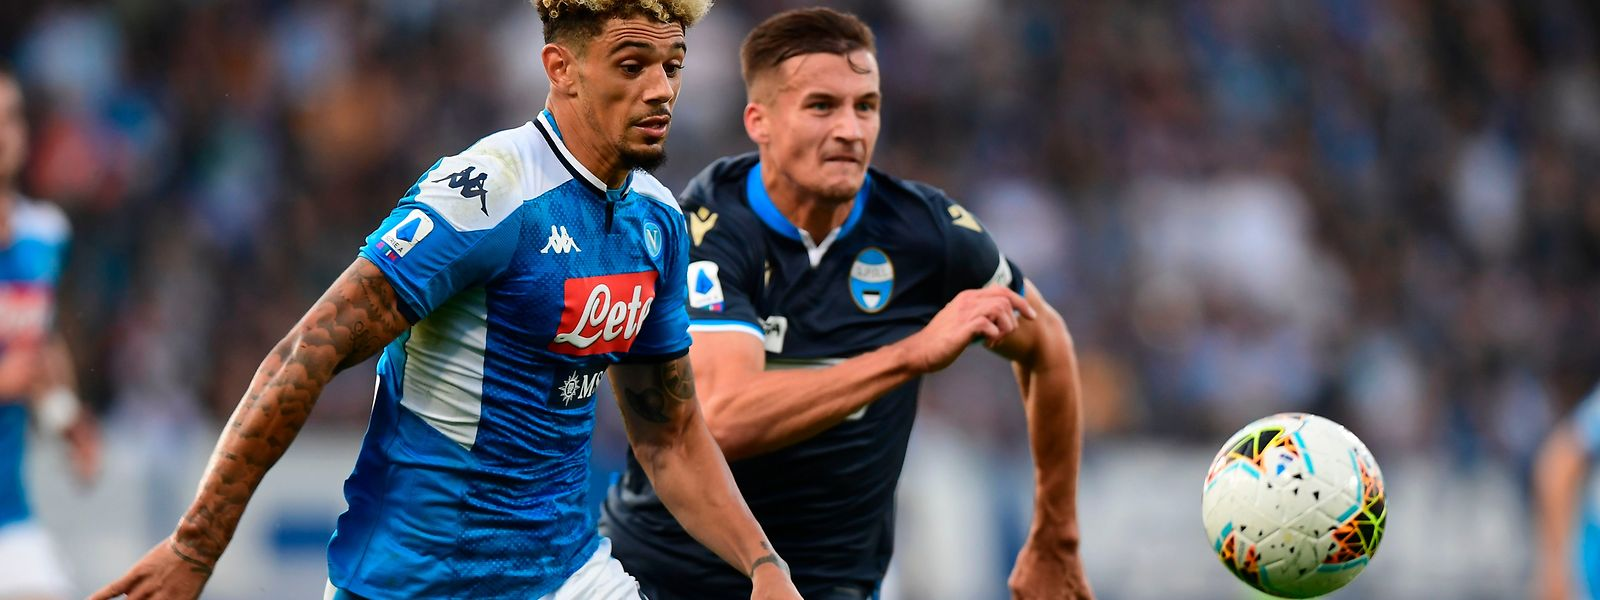 Naples et son défenseur français Kevin Malcuit (à g.) reçoivent les Autrichiens de Salzbourg, ce mardi soir dans le groupe E